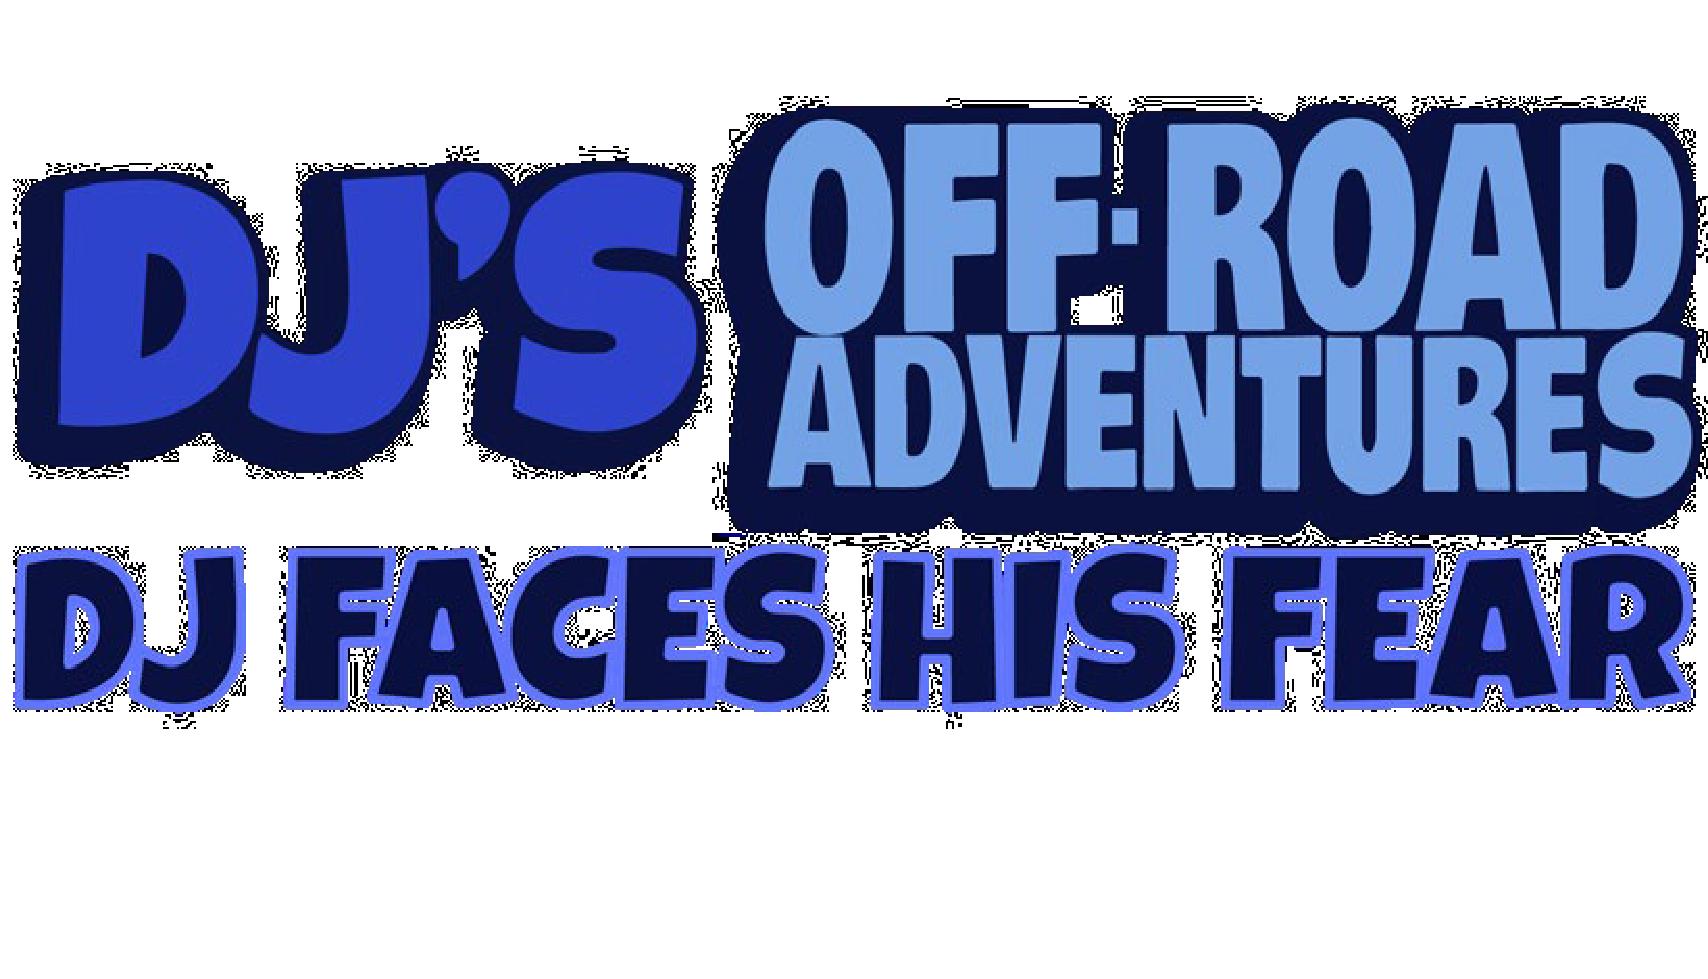 DJ's Off-Road Adventures